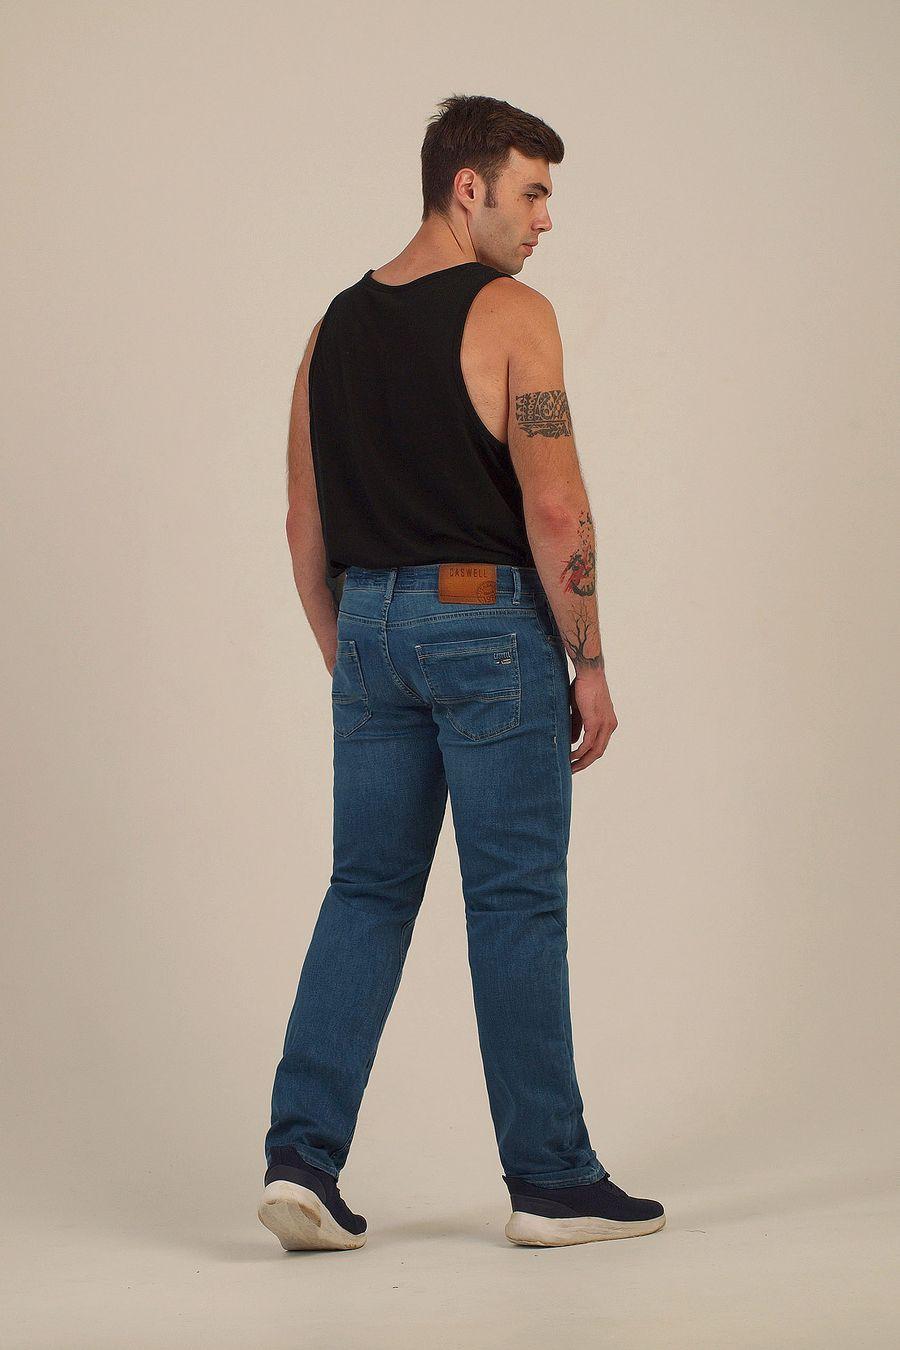 Джинсы мужские Caswell 2036 Straight - фото 3